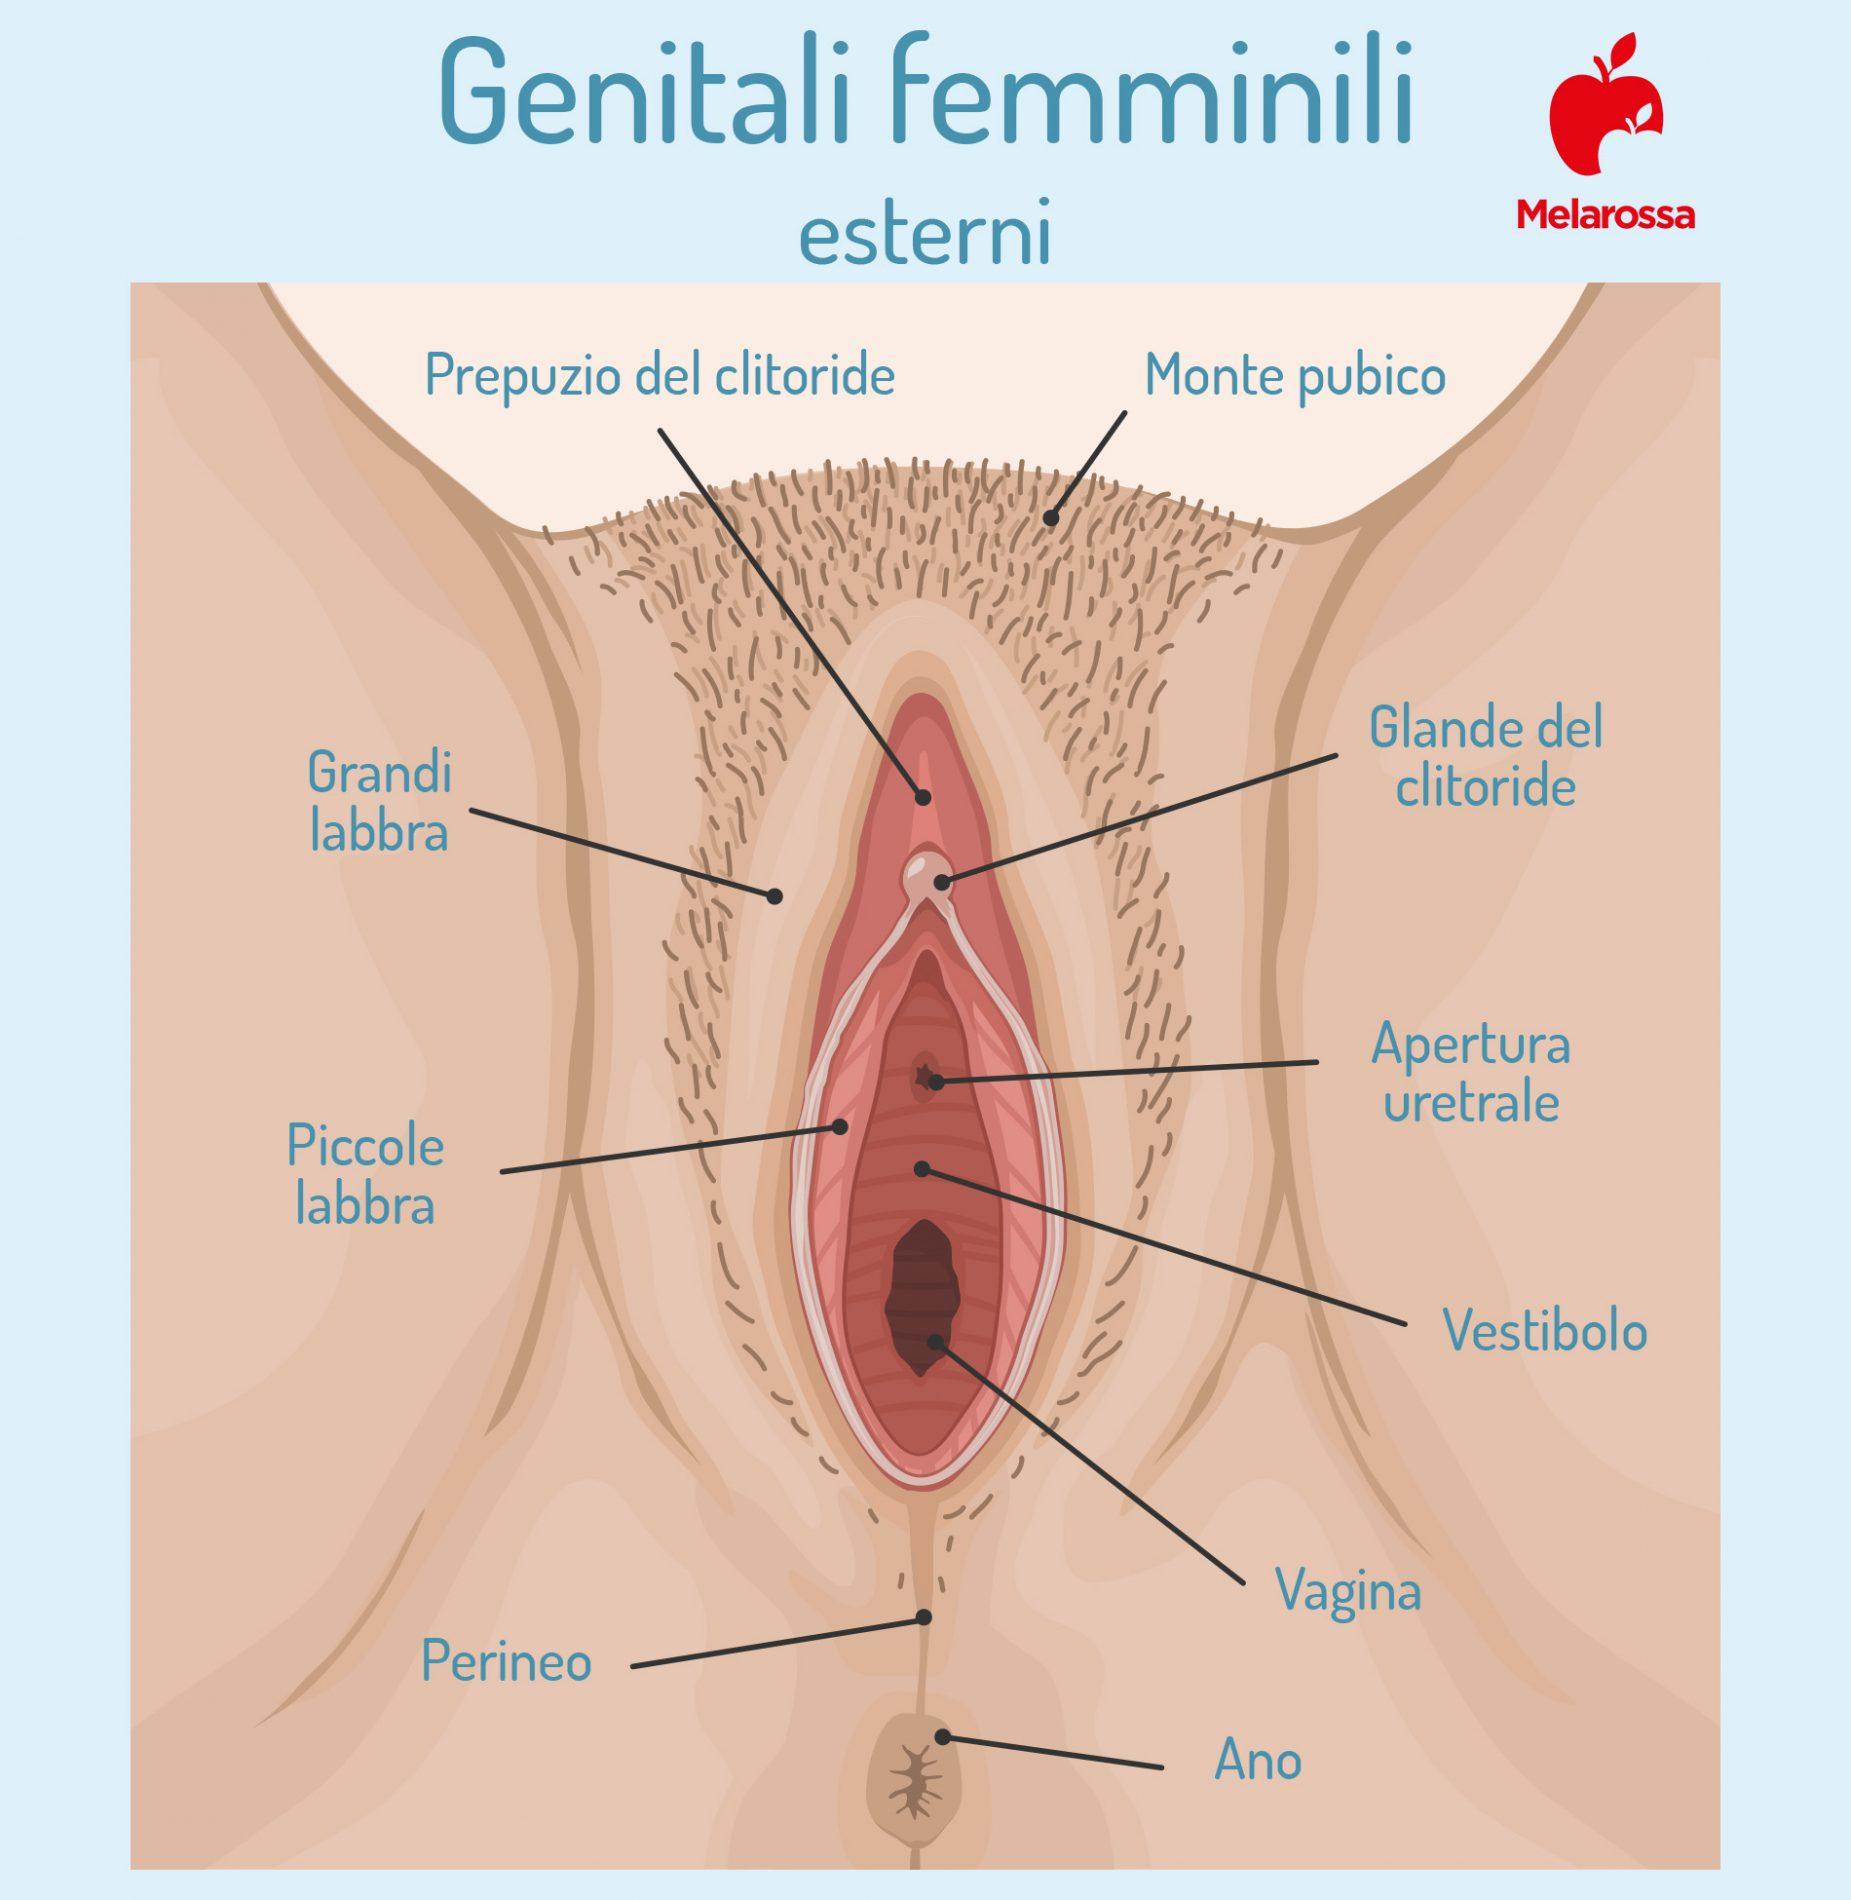 anatomia del perineo